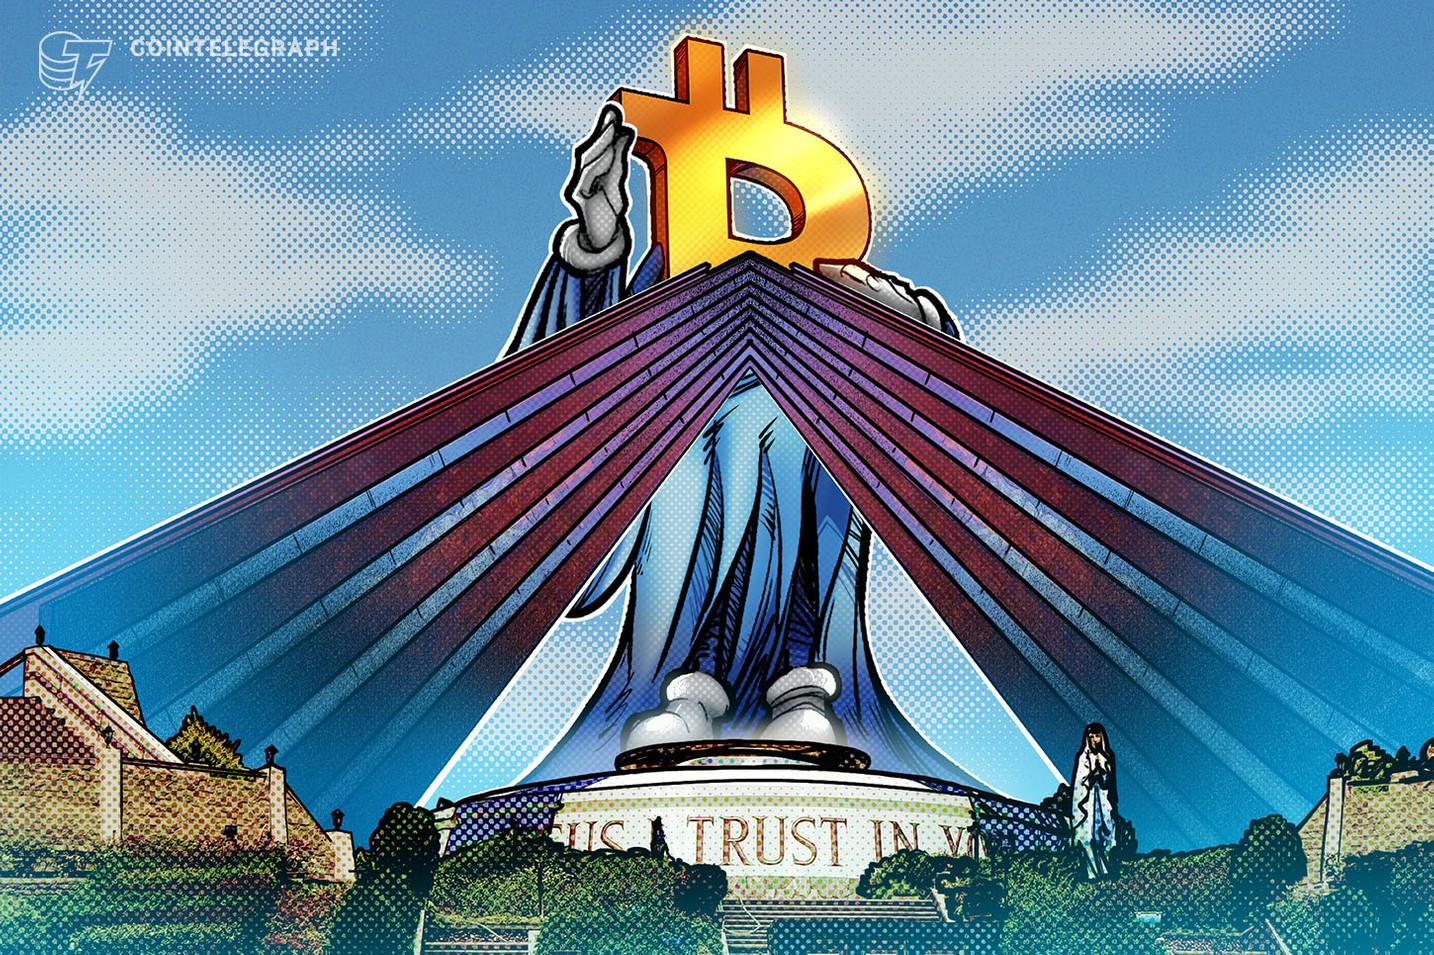 Legislative Assembly of El Salvador approves $150M Bitcoin Trust